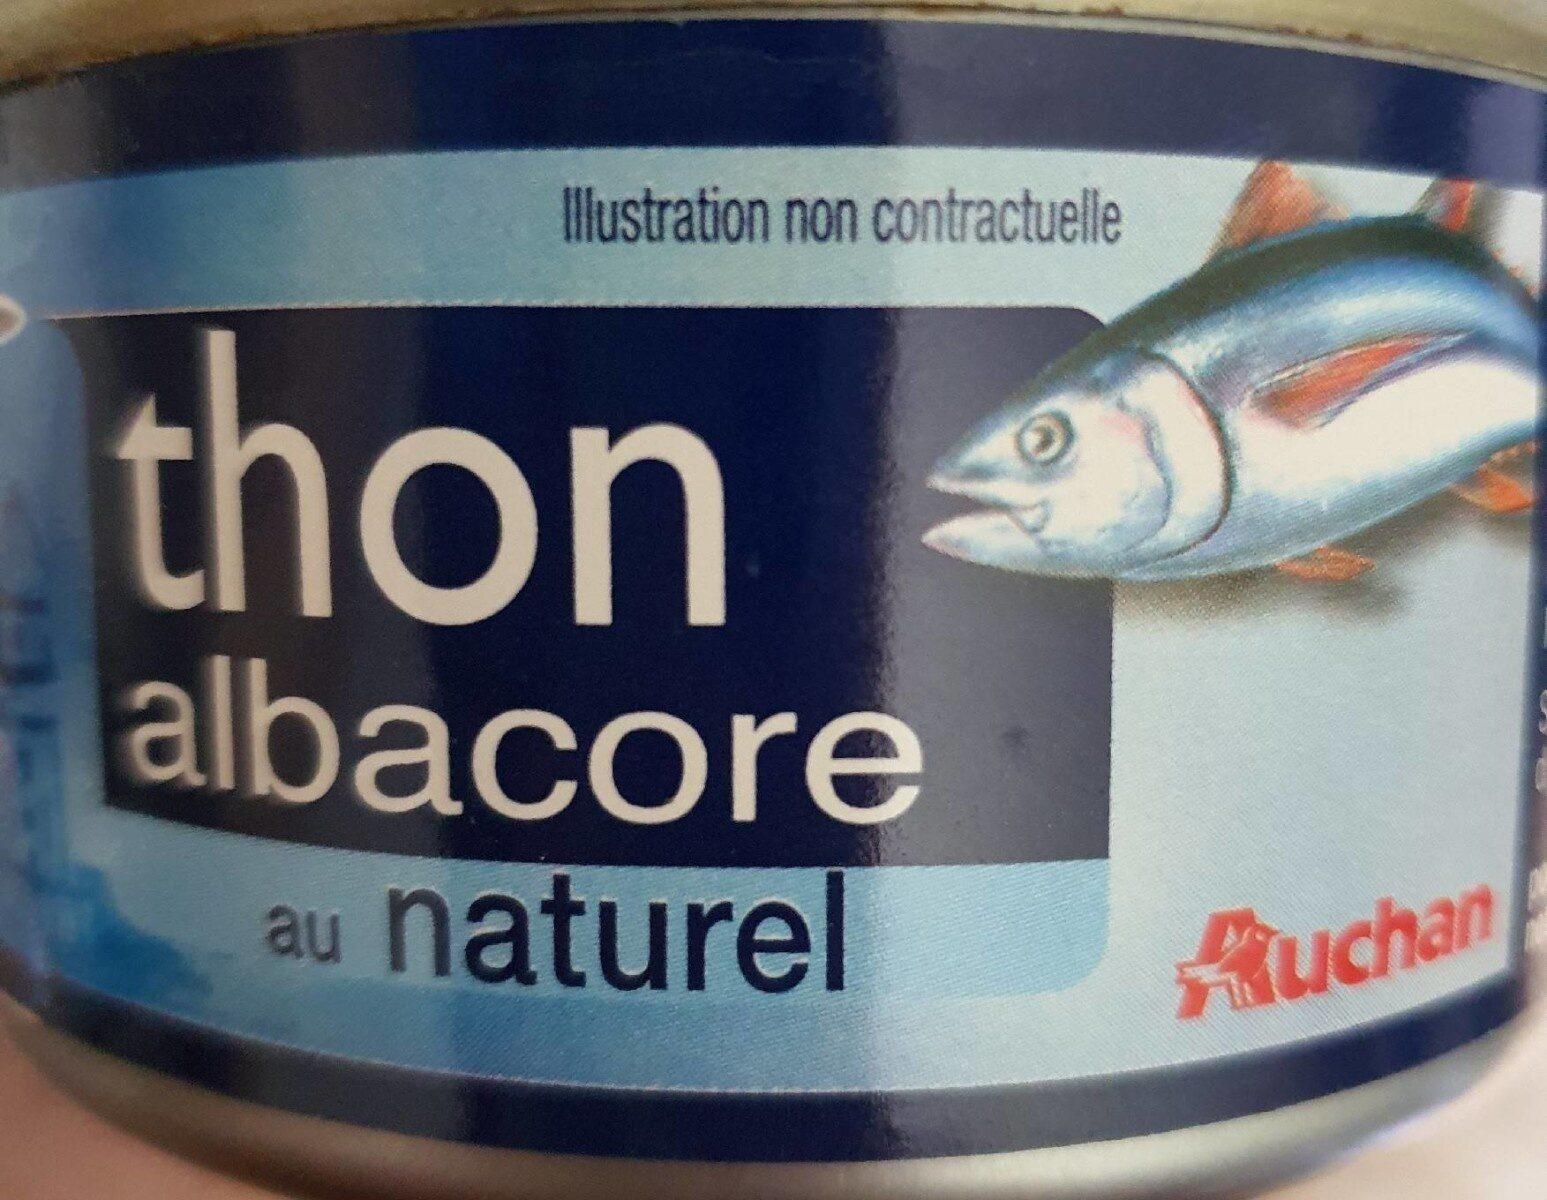 Thon albacore au naturel - Producto - en